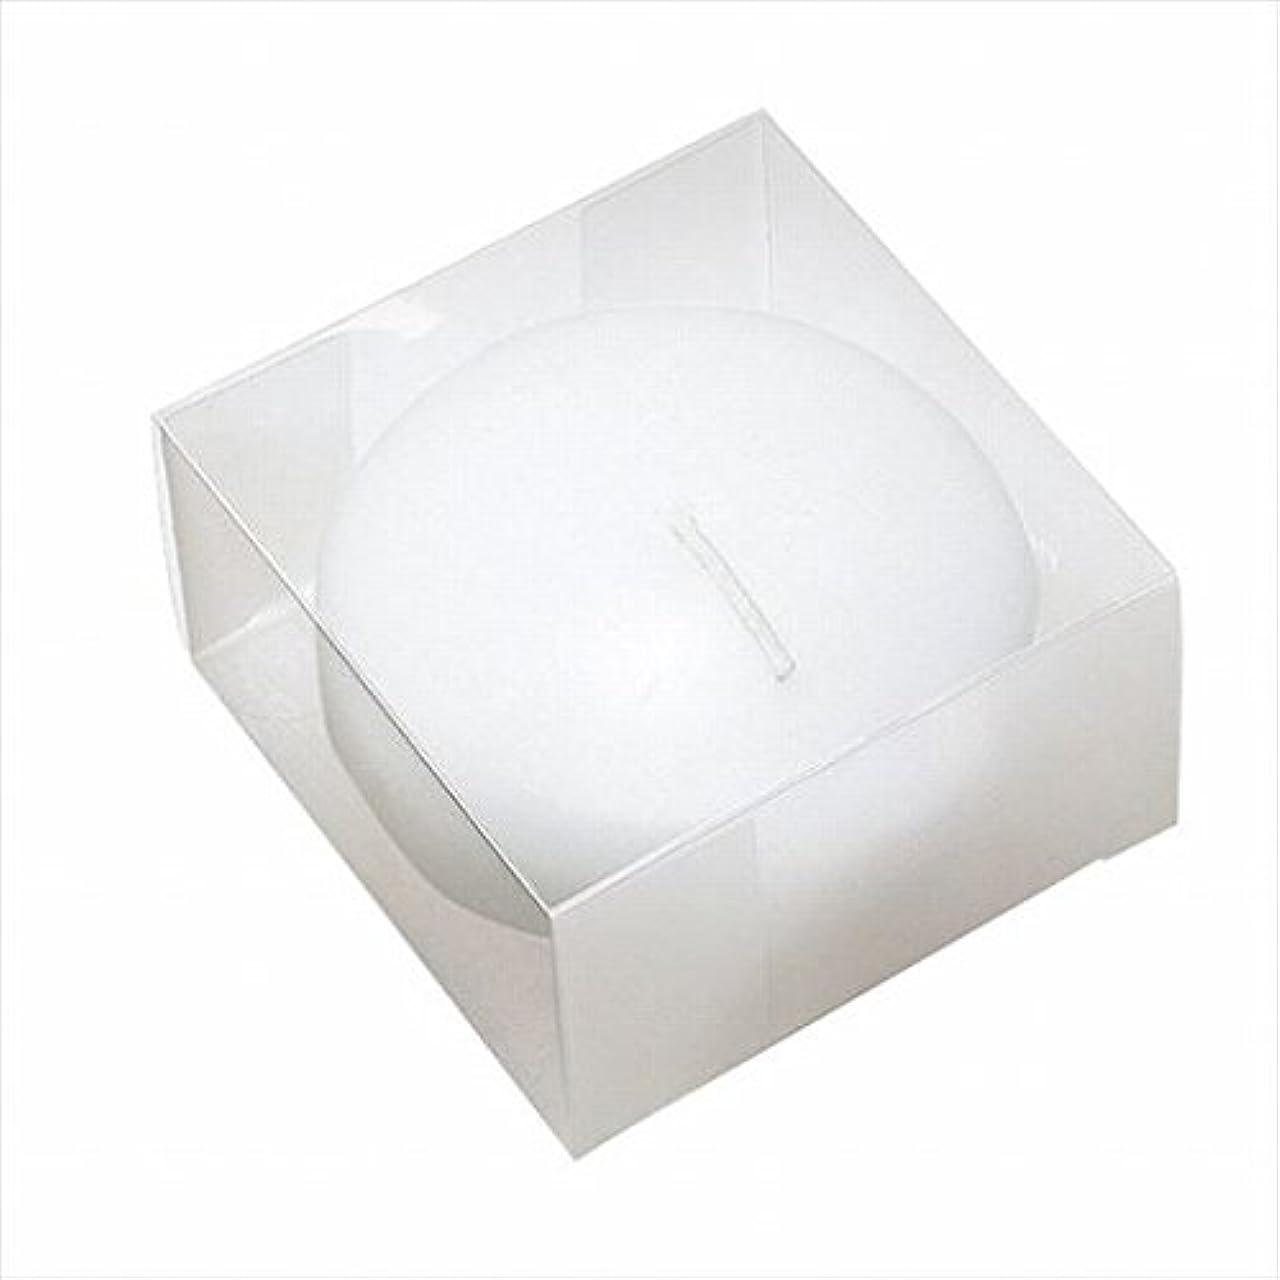 分解するソート作物カメヤマキャンドル(kameyama candle) プール80(箱入り) 「 ホワイト 」